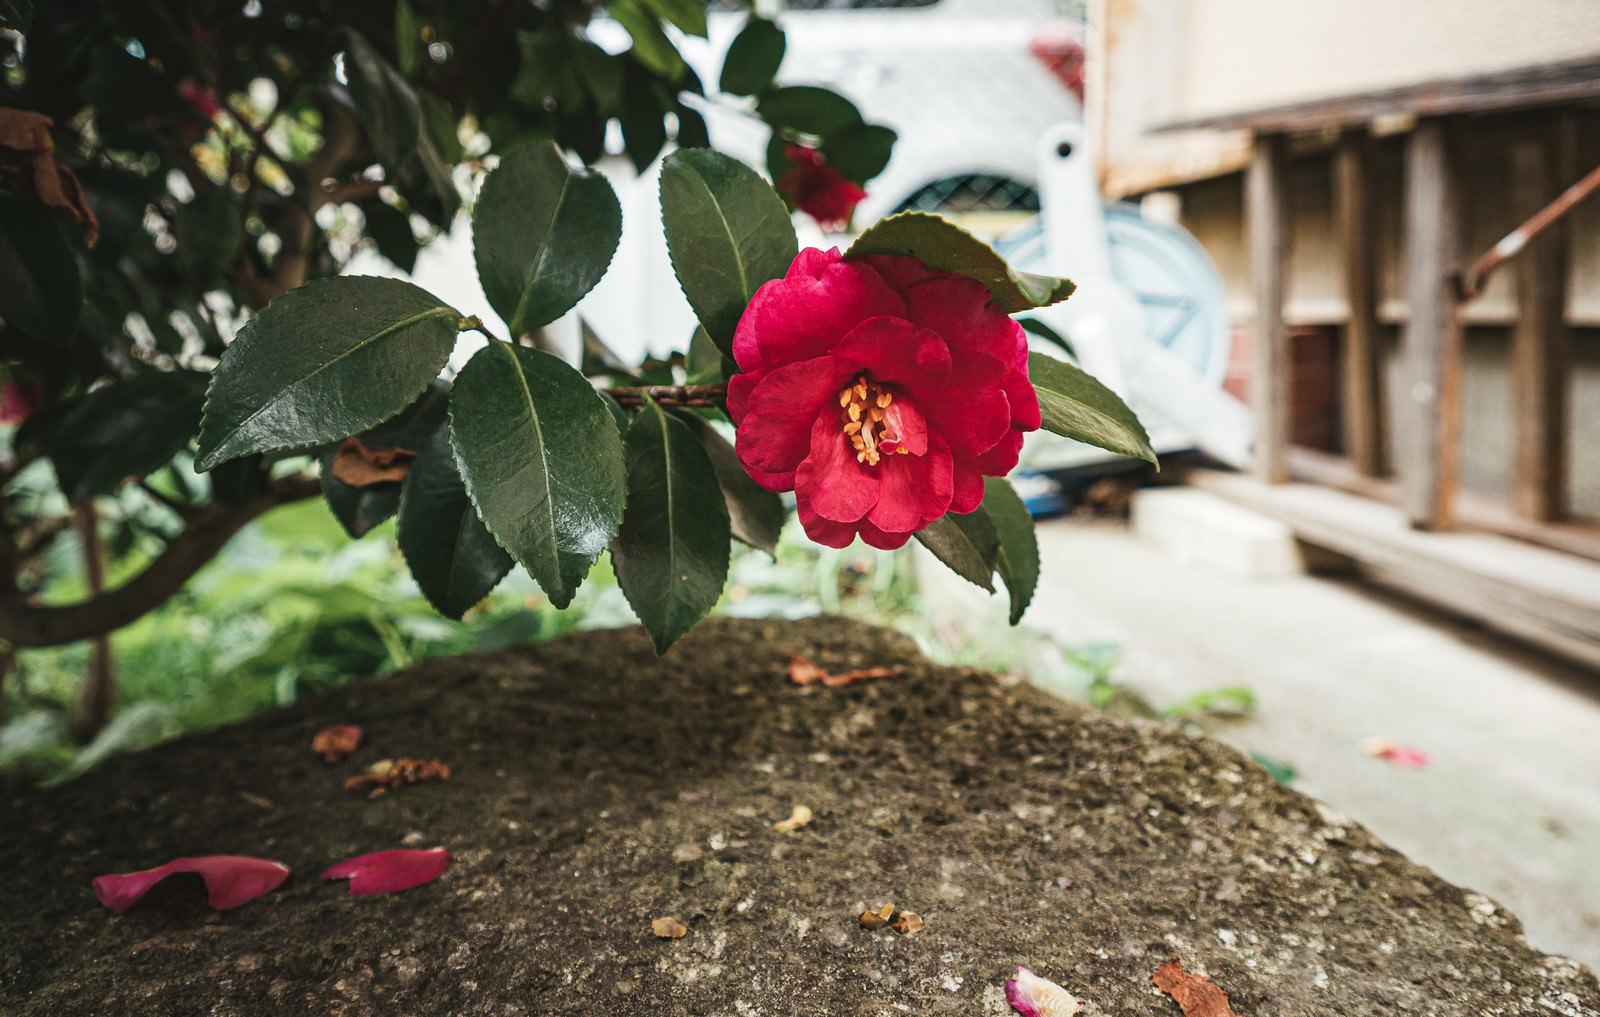 「空き家の庭に咲いた牡丹の花」の写真